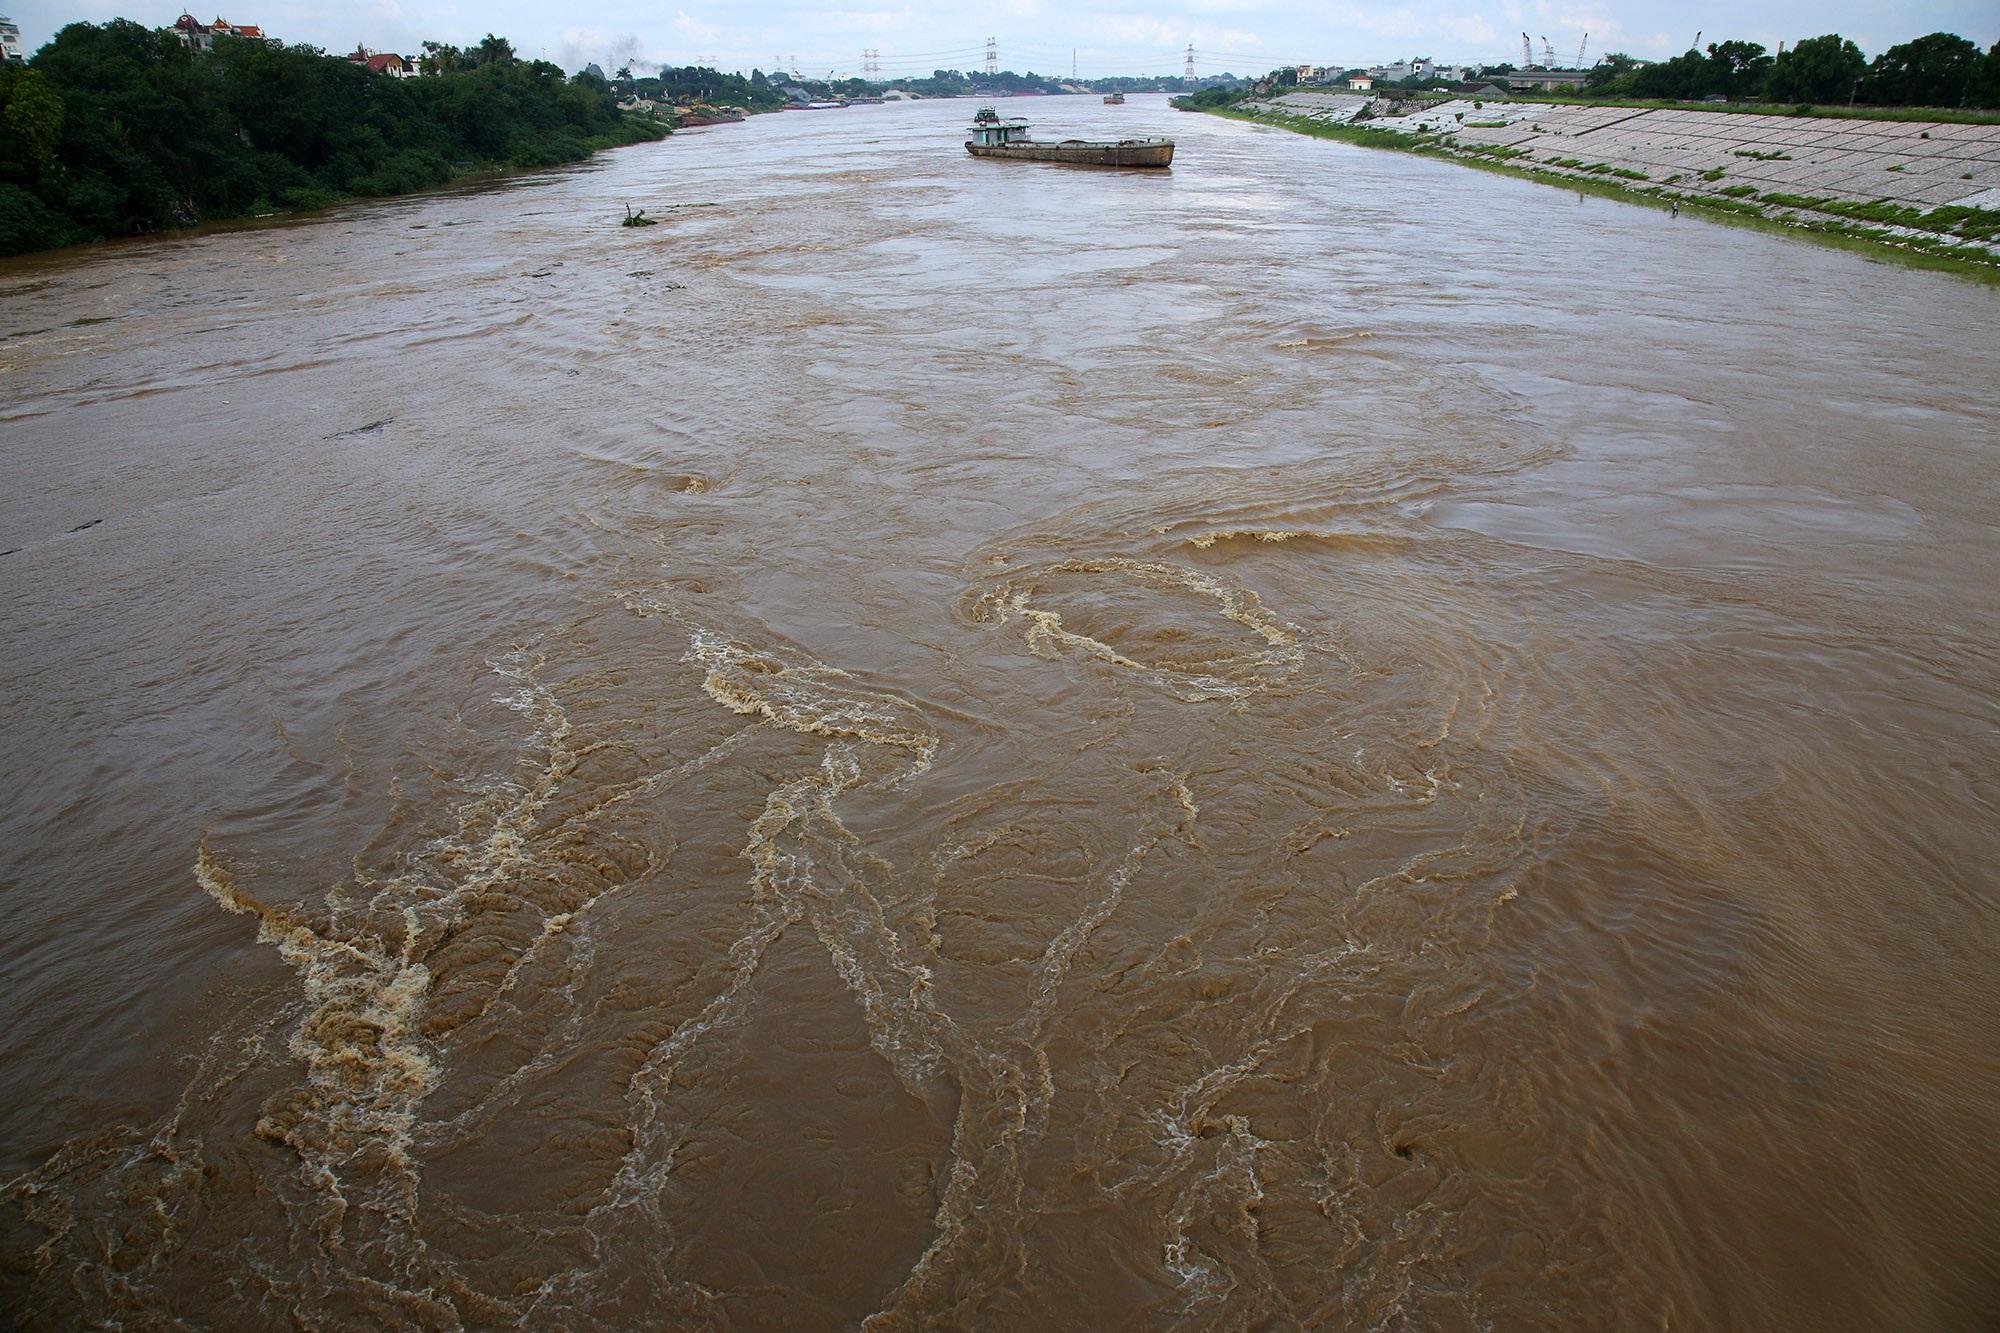 Cảnh nước dâng cao, chảy cuồn cuộn trên sông Hồng, sông Đuống - 1